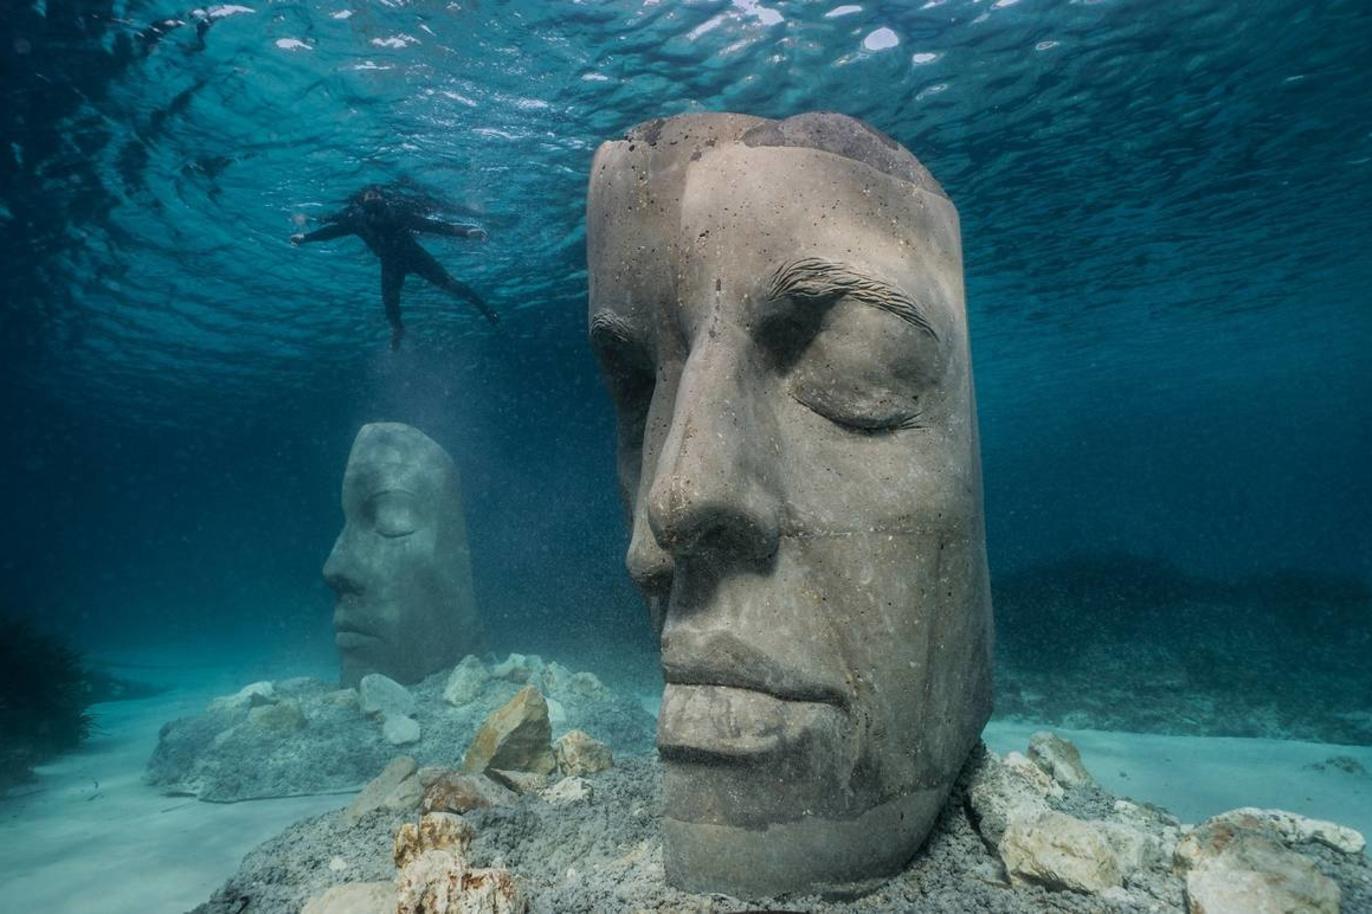 Een van de sculpturen die te zien is in het onderwatermuseum in Cannes, Jason deCaires Taylor